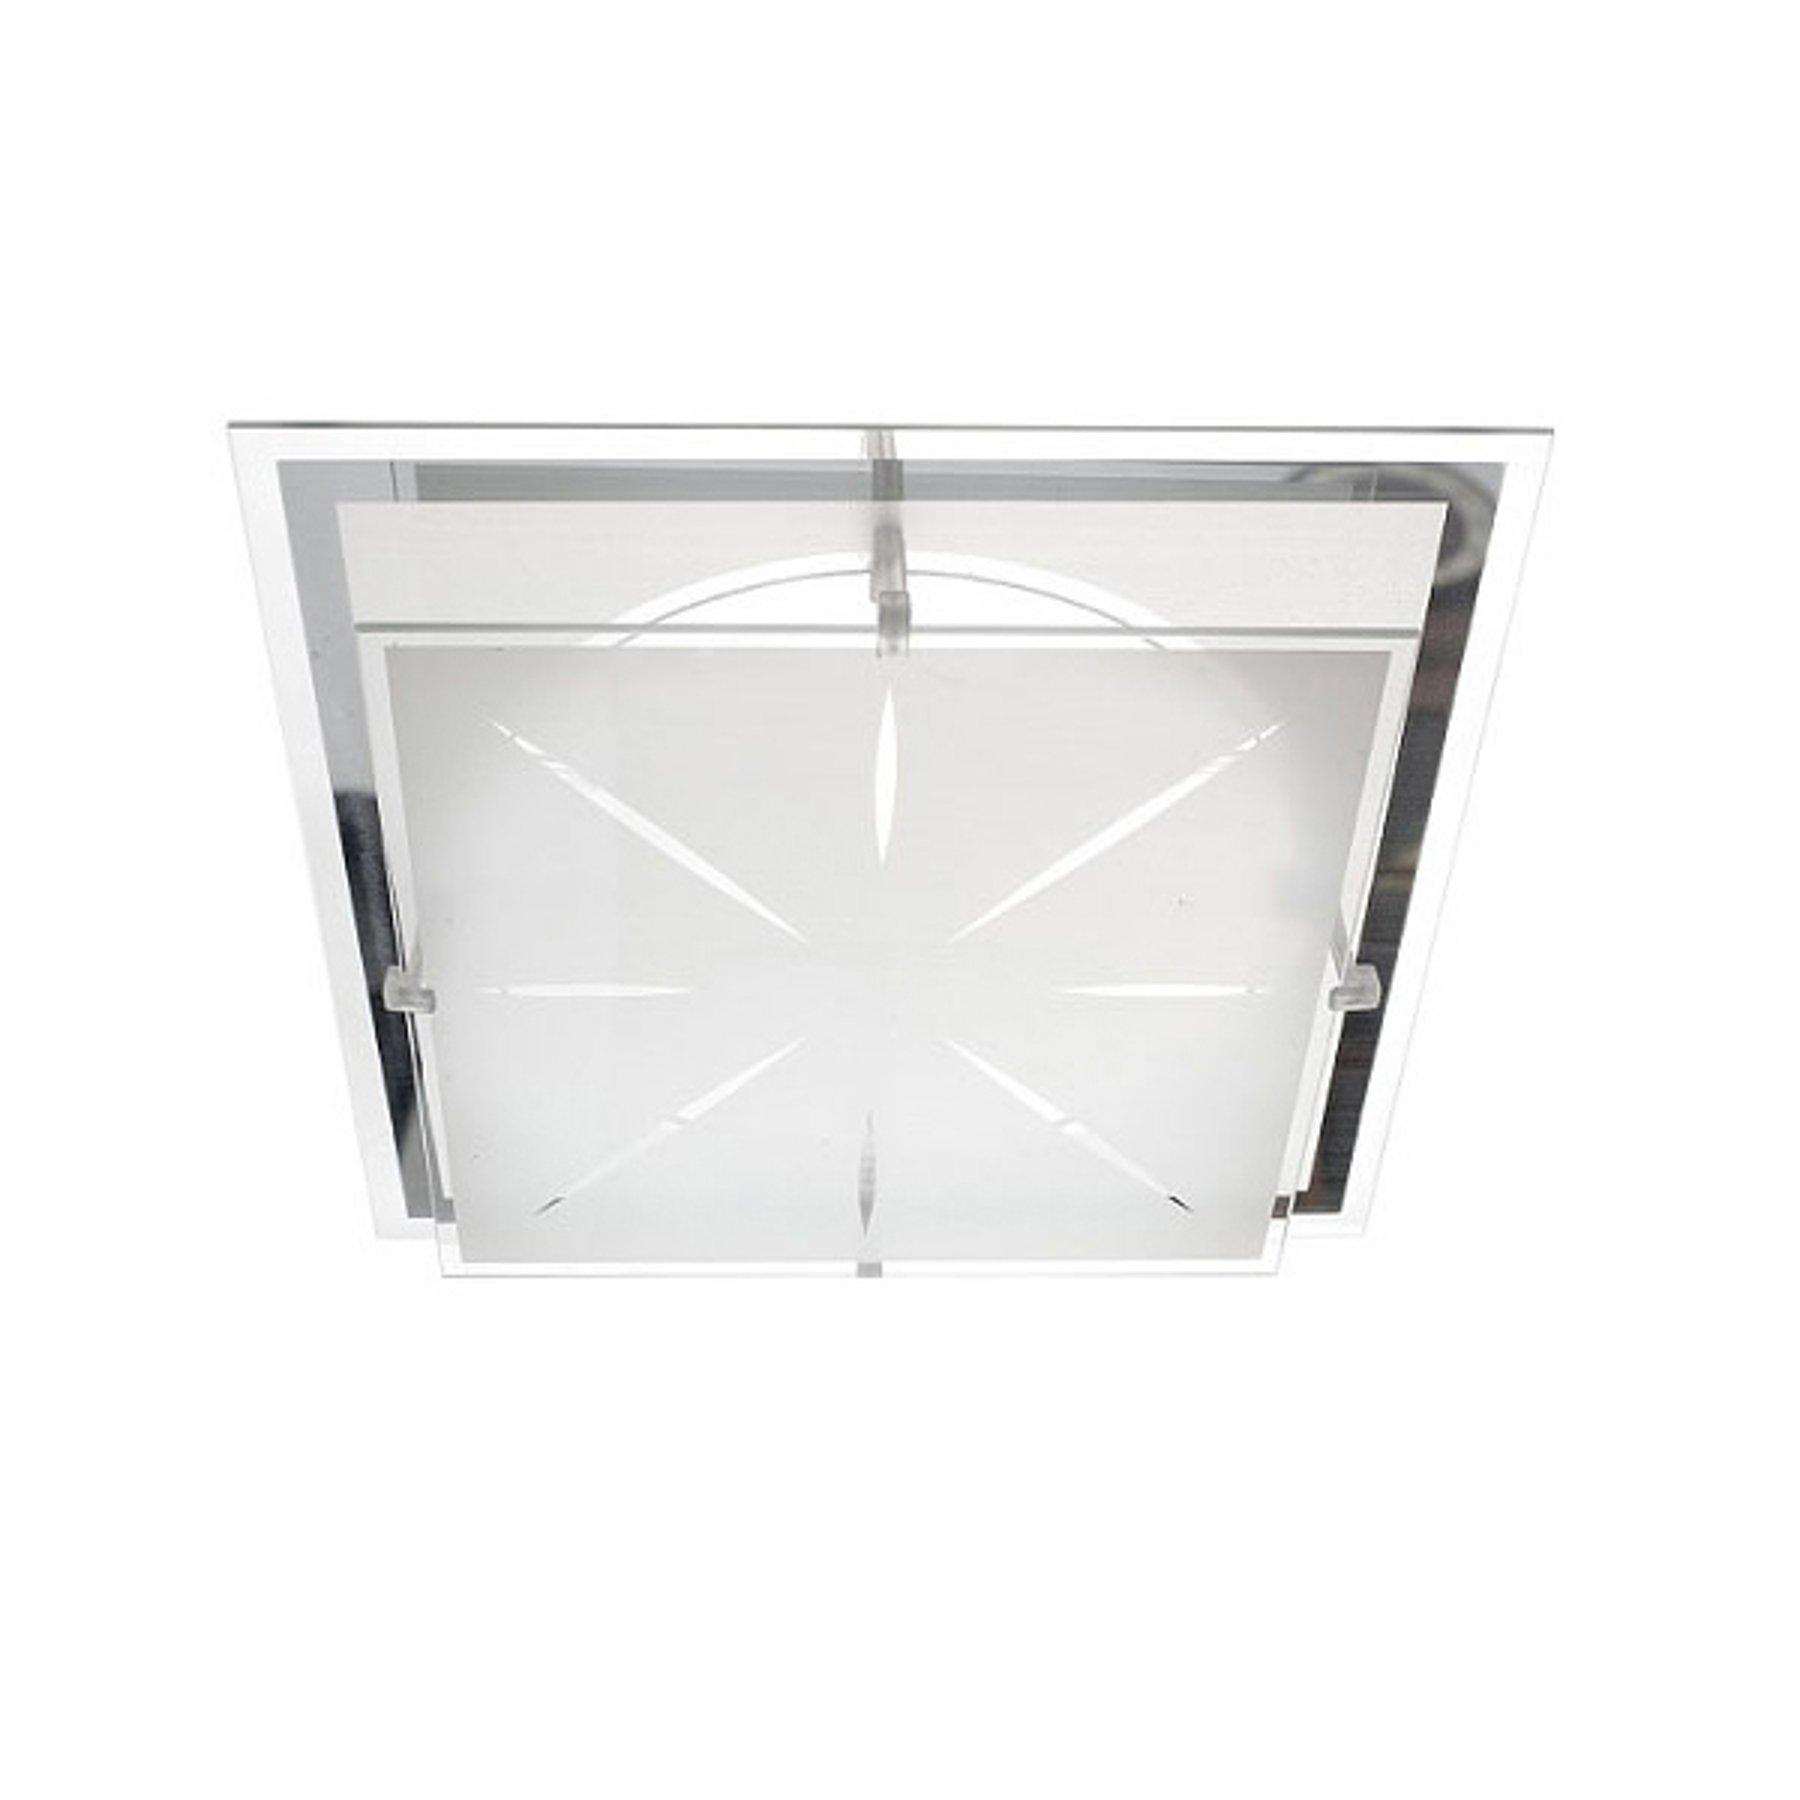 Taklampe P2 av glass 31,5x31,5 cm